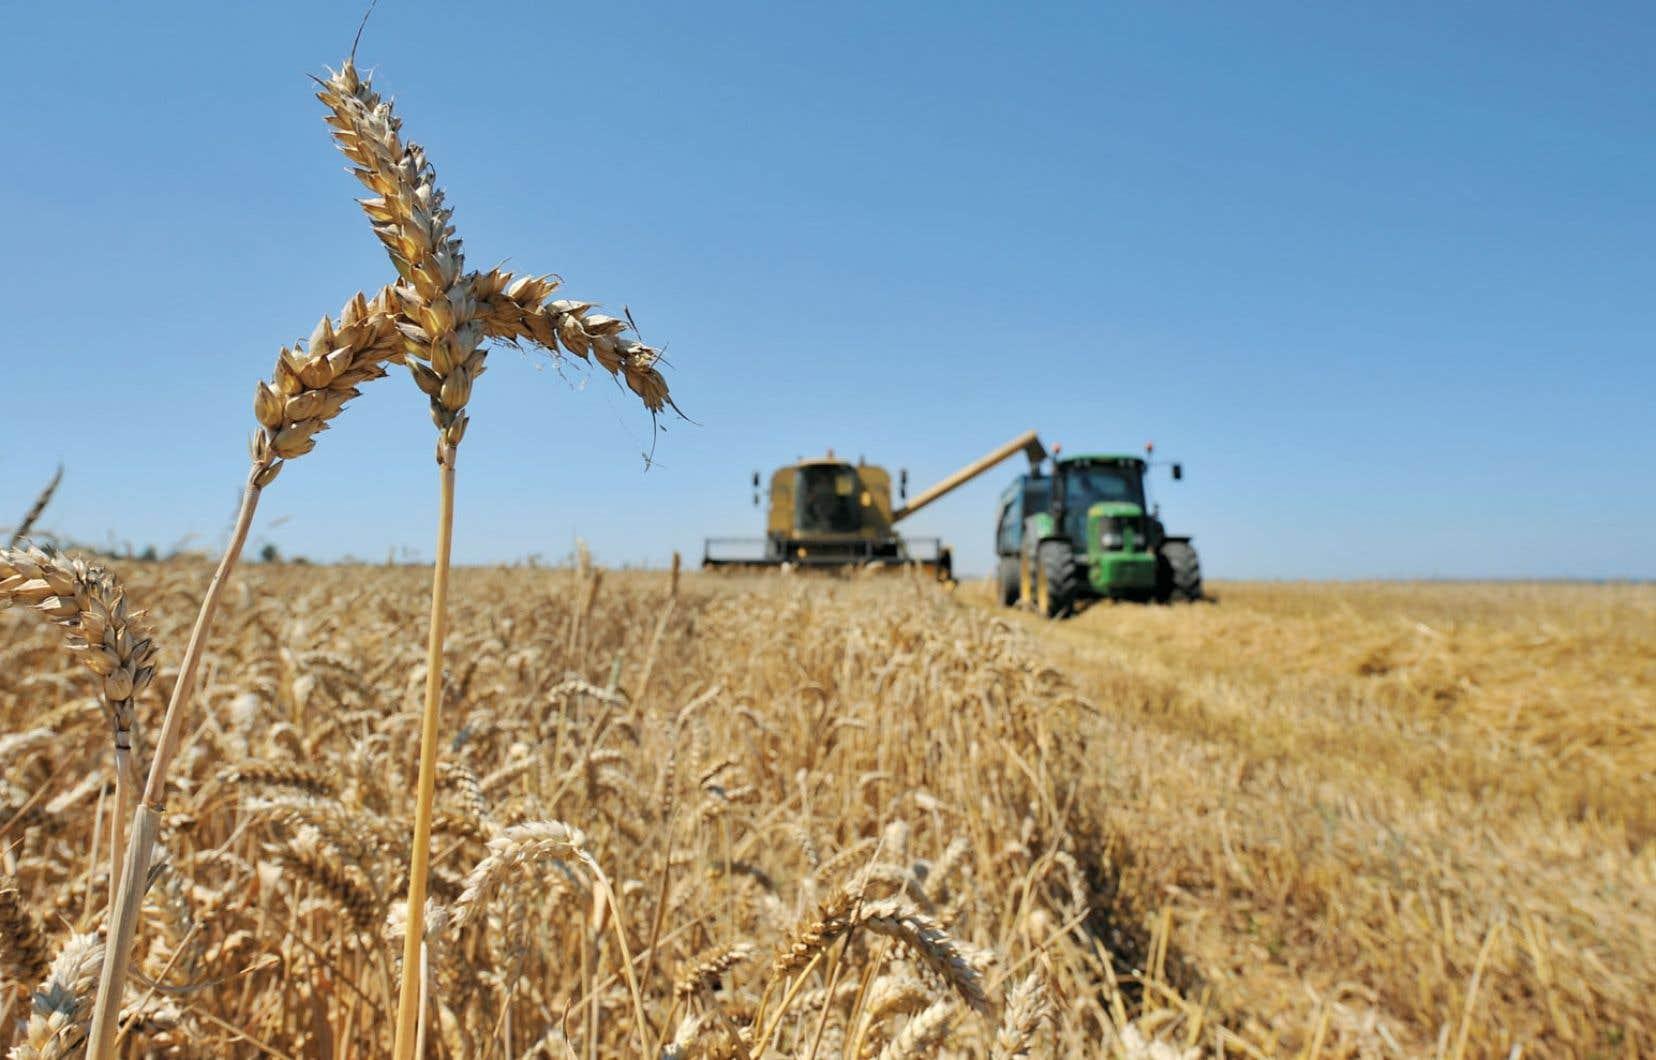 Les mauvaises conditions climatiques de 2012 pour la culture céréalière vont sans doute se traduire par une hausse du prix des pâtes alimentaires, farines, pains et céréales en boîte.